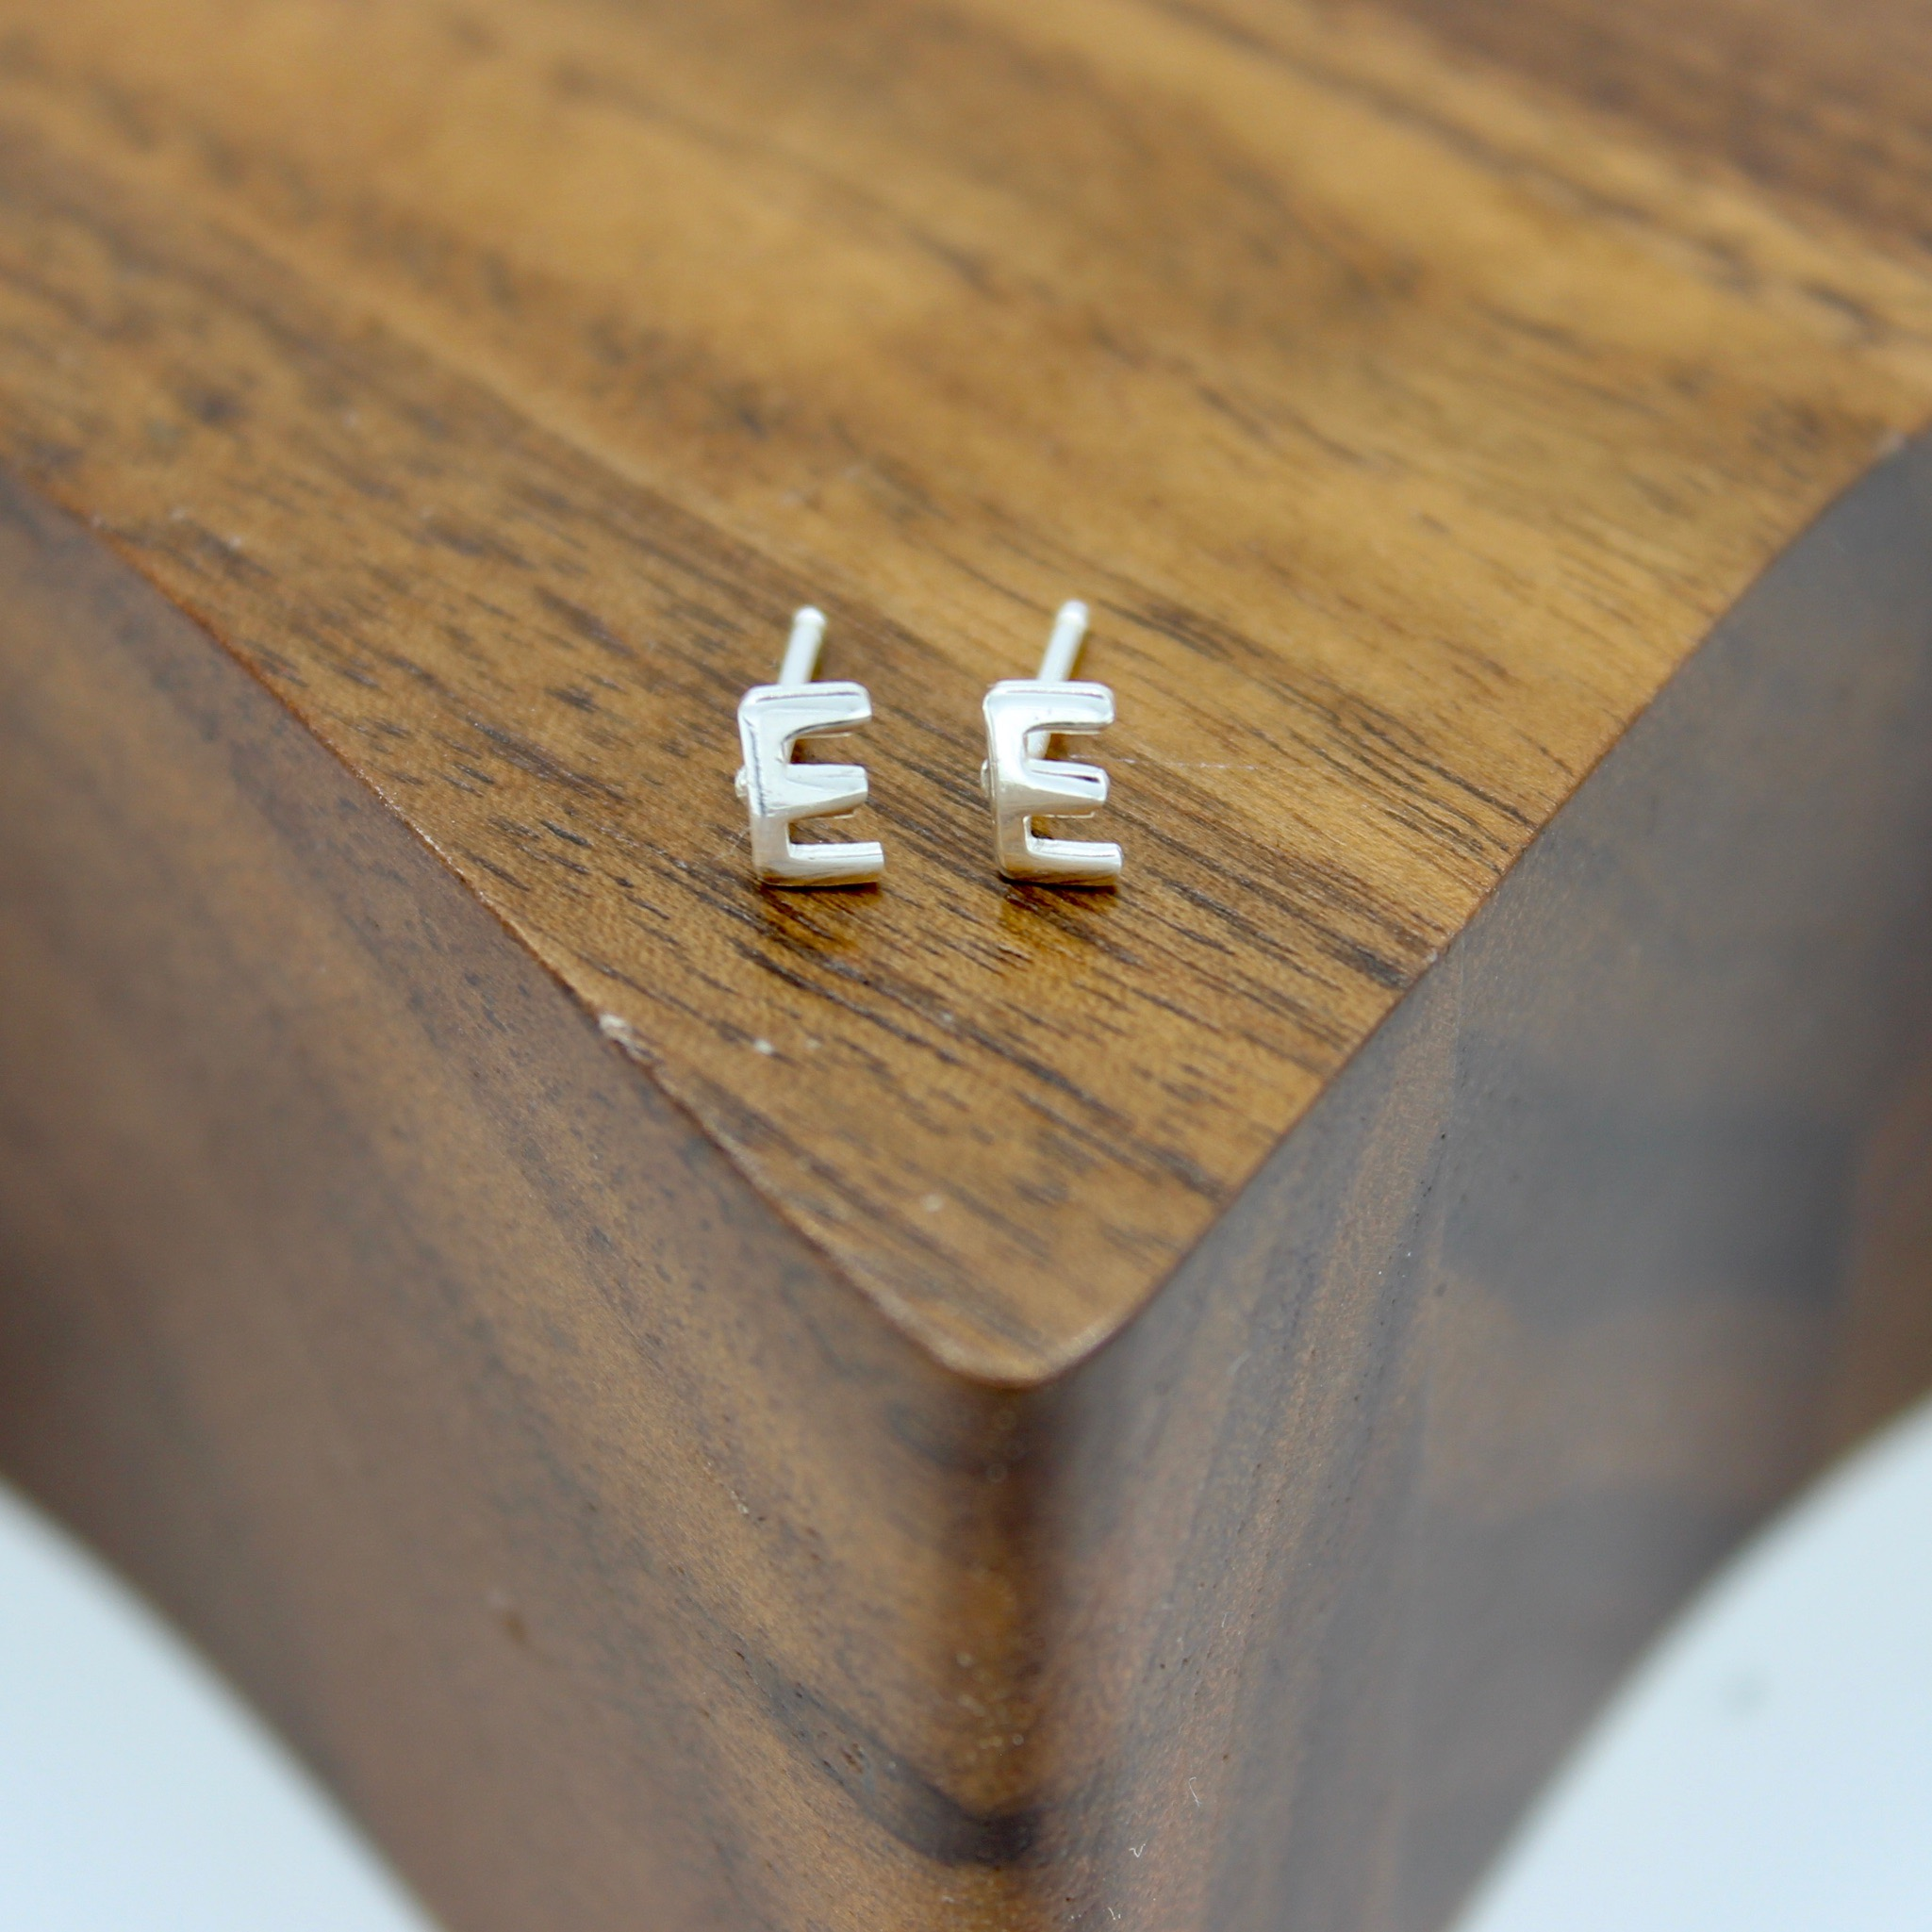 Capital E Stud earrings